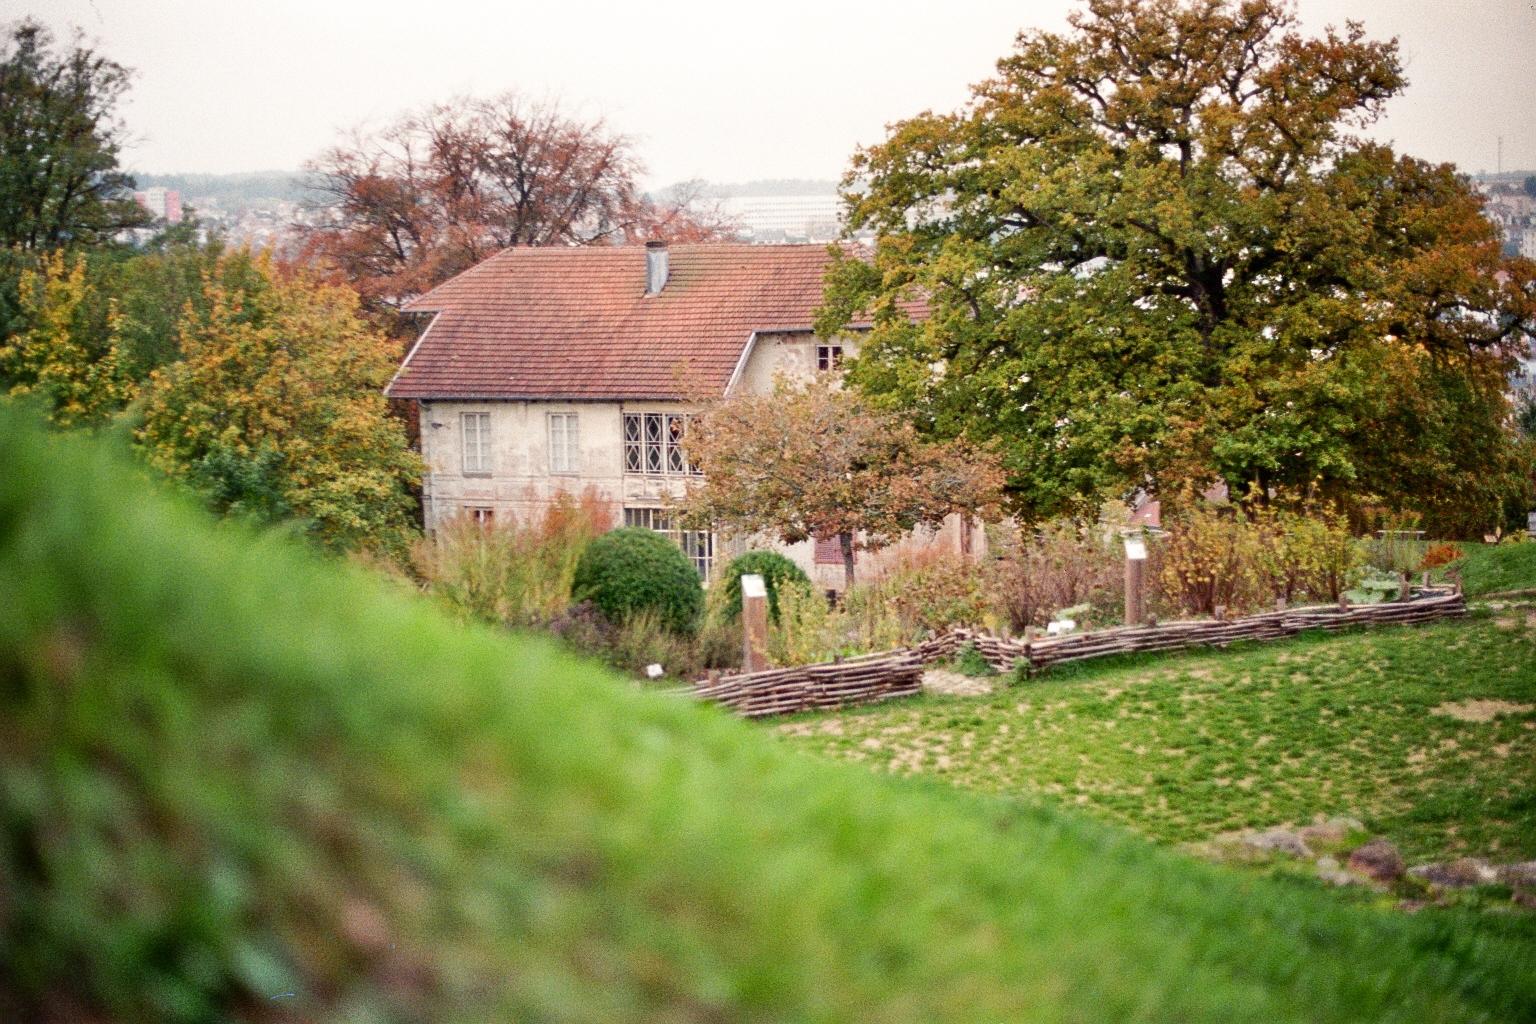 Haus auf einem Hügel mit Garten